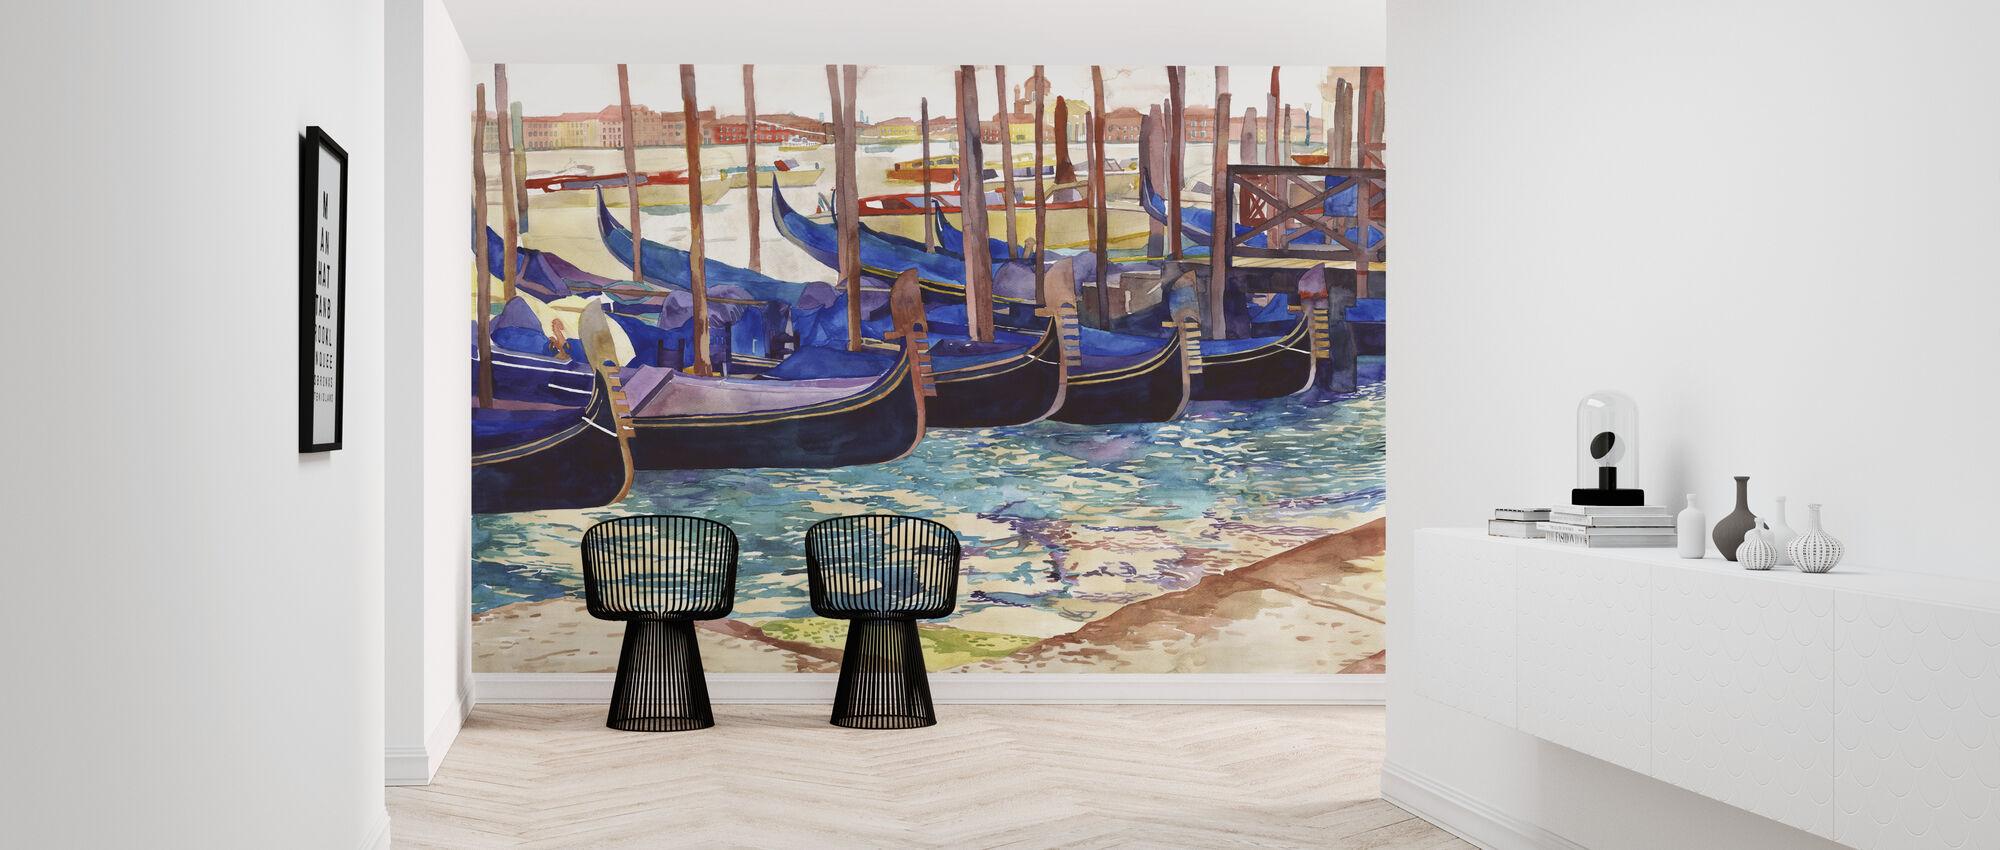 Gondolas in Venice - Wallpaper - Hallway